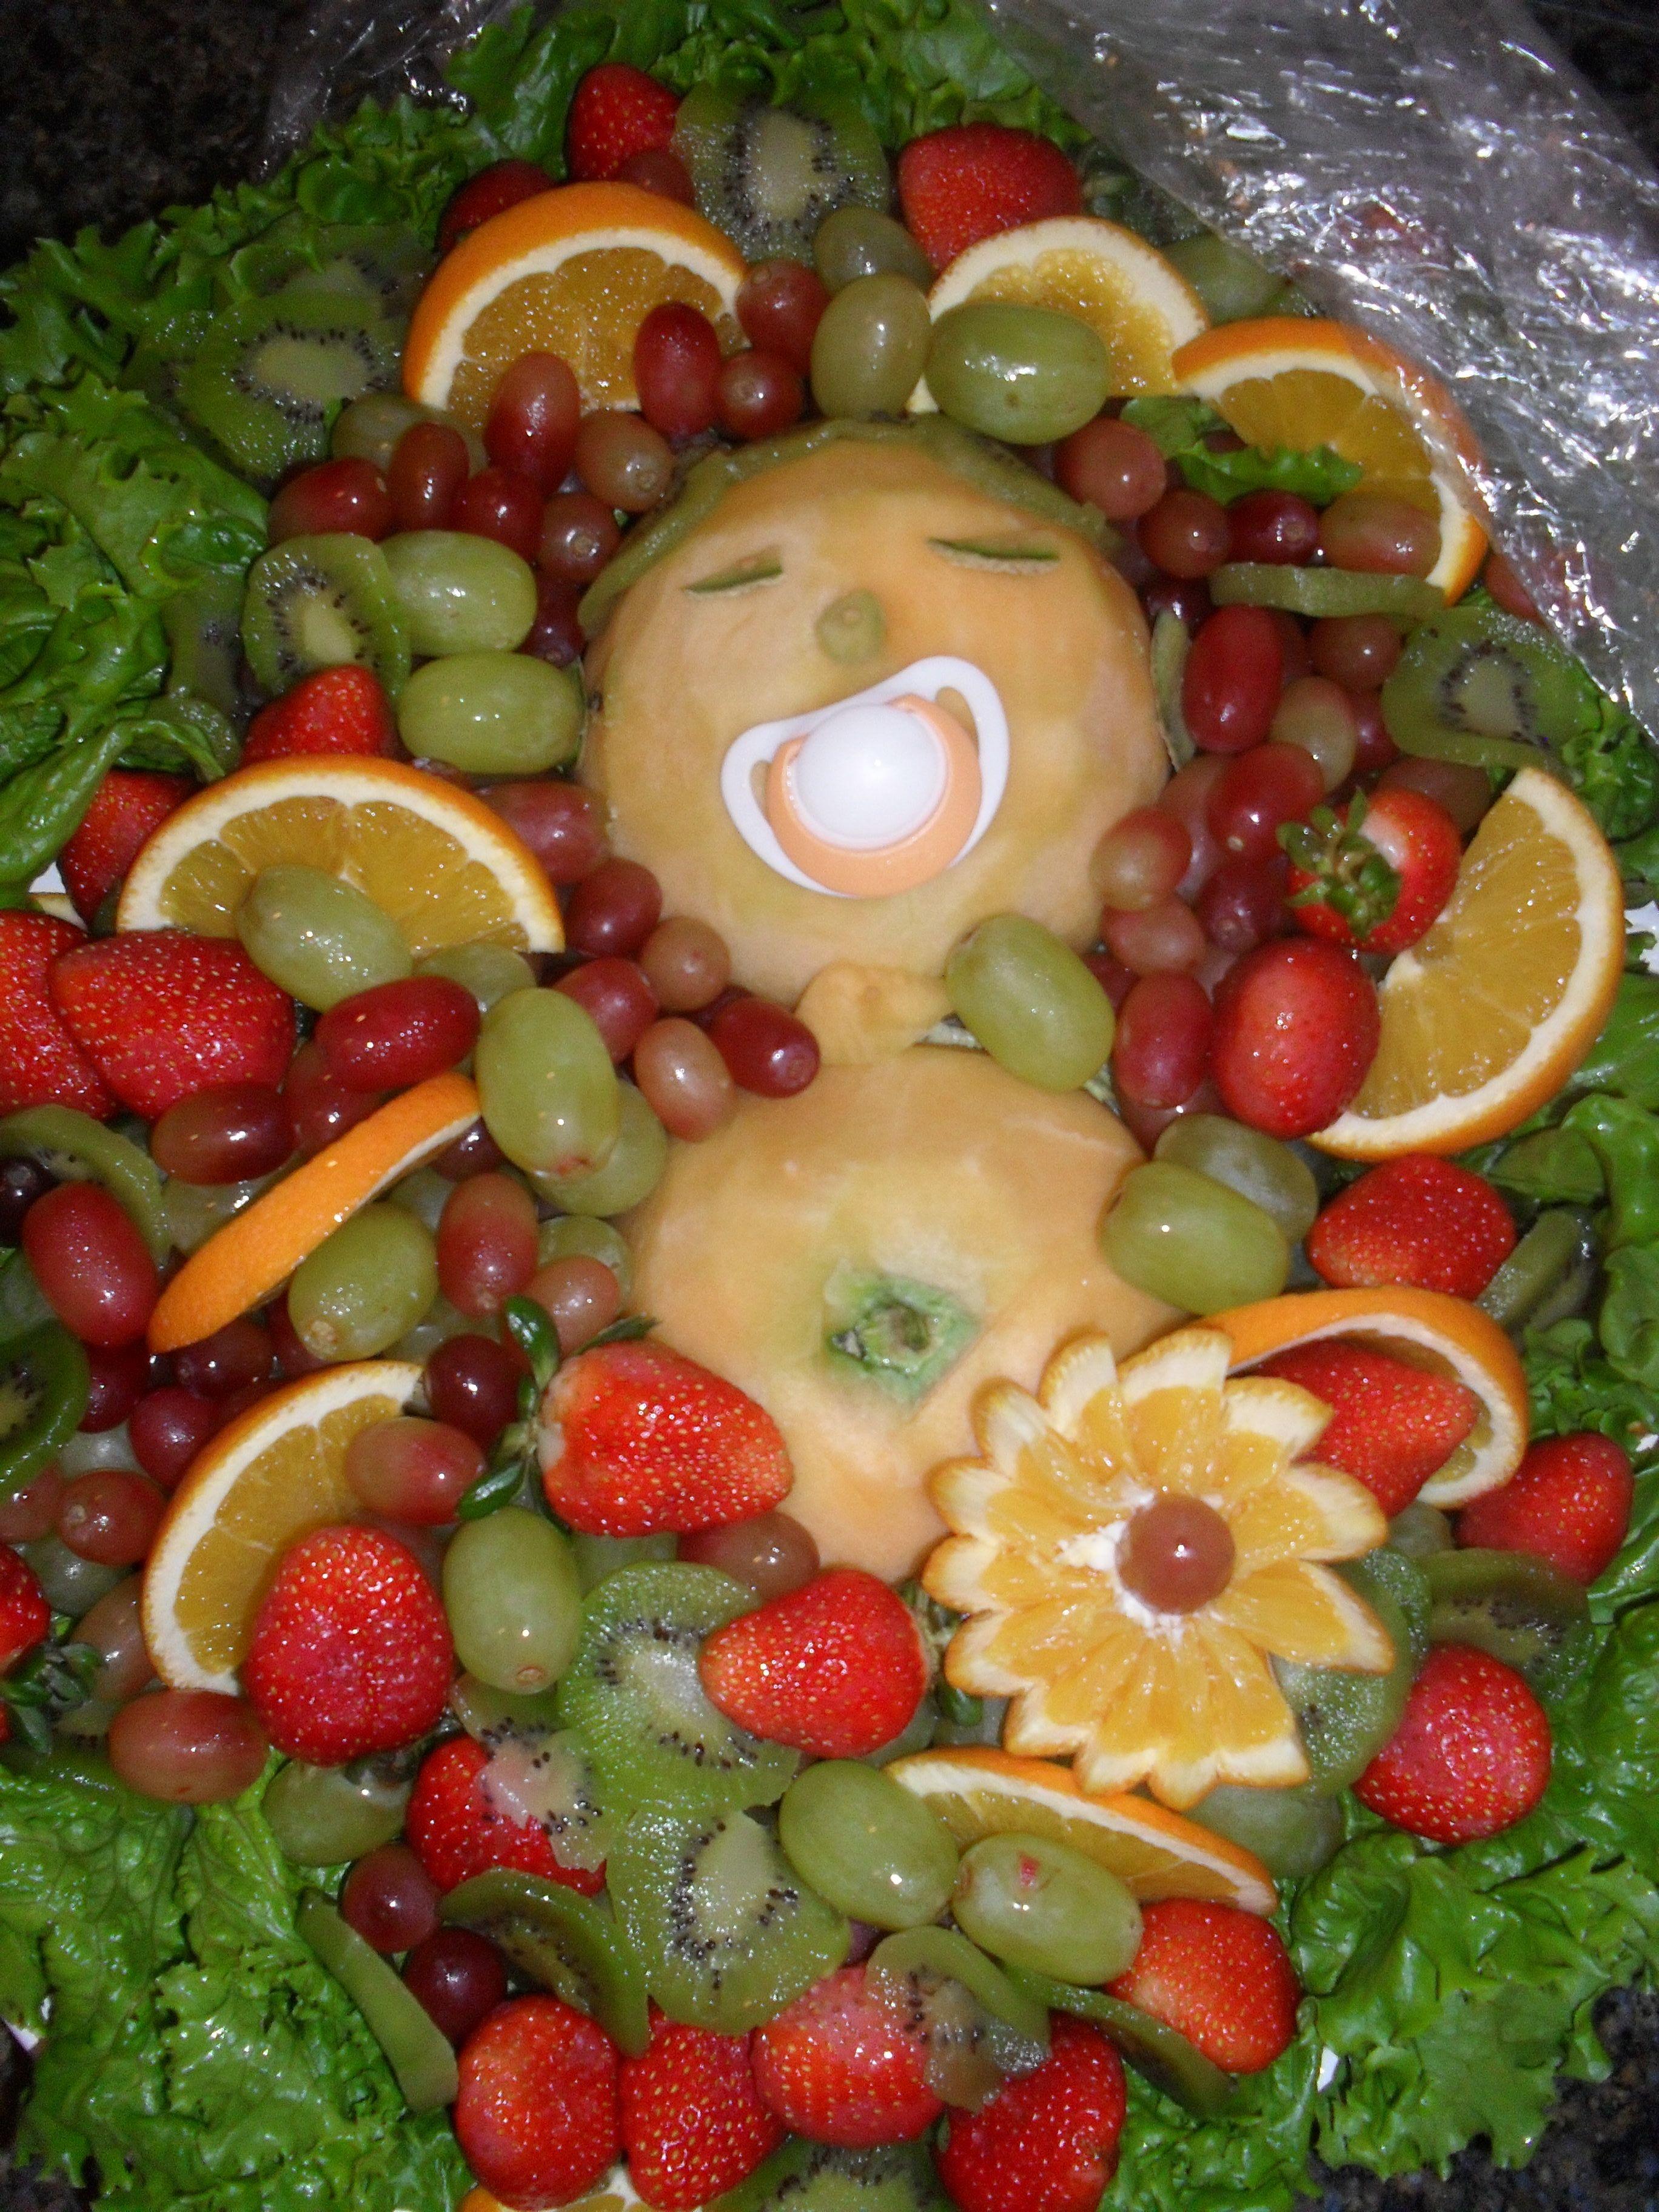 A Baby Shower Fruit Arrangement Made By My Friendu0027s Mother!